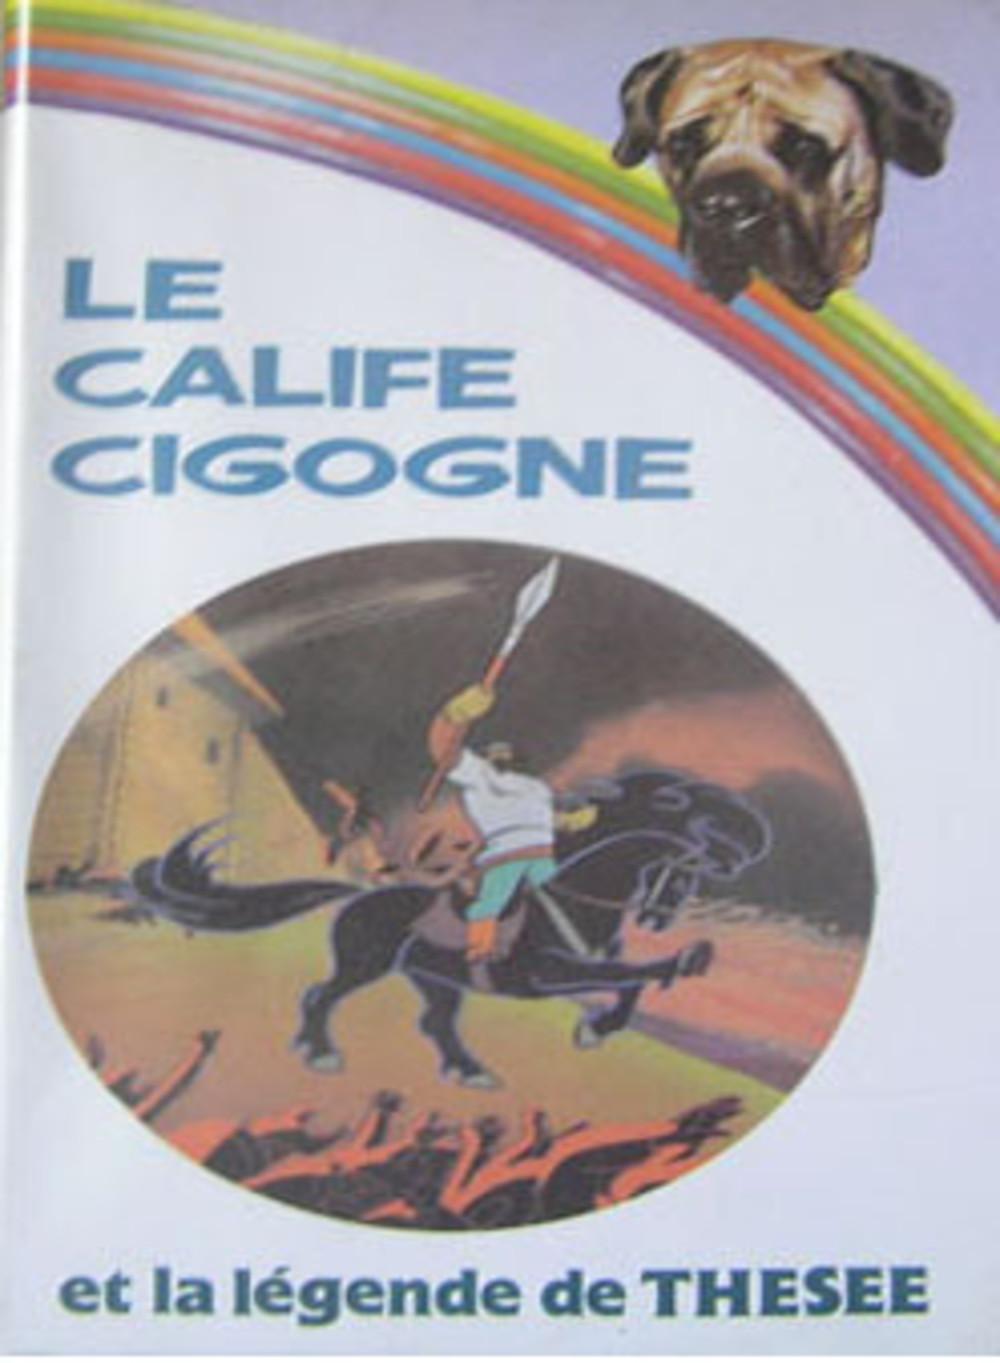 2065_le_calife_cigogne_1